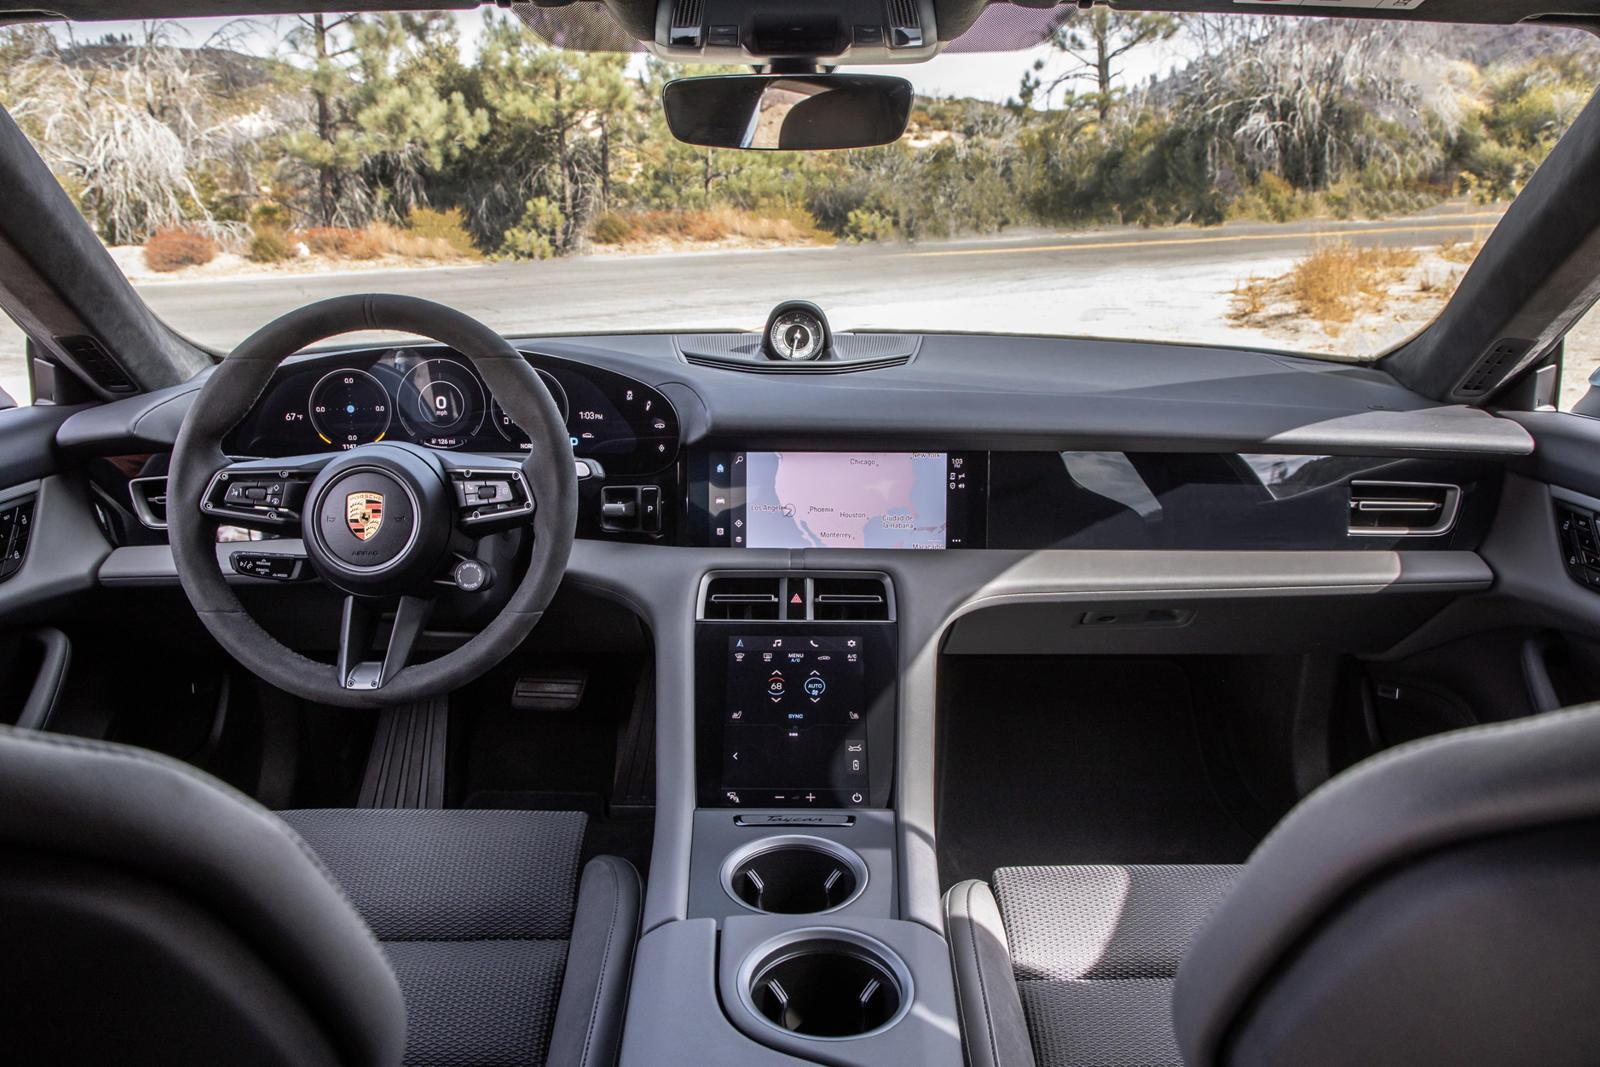 Чтобы лучше понять первый успех Taycan за весь модельный год, в прошлом году было продано 21 784 экземпляра 718 Boxster и Cayman. Представьте себе, каким было бы общее количество Taycan, если бы не пандемия. Скорее всего, количество 718 не сильно изм